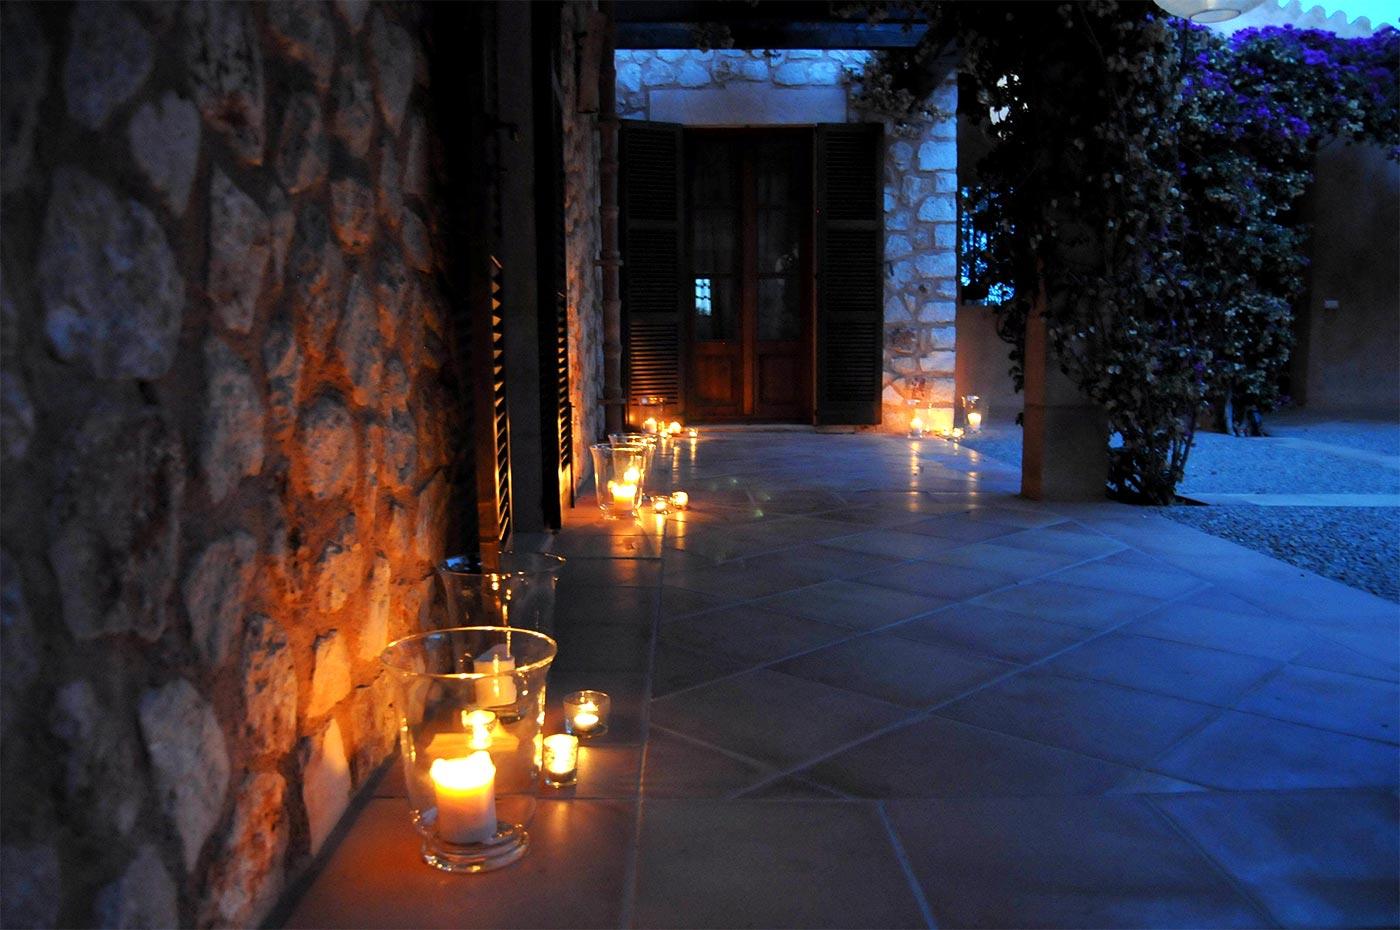 Kerzenschein im Innenhof